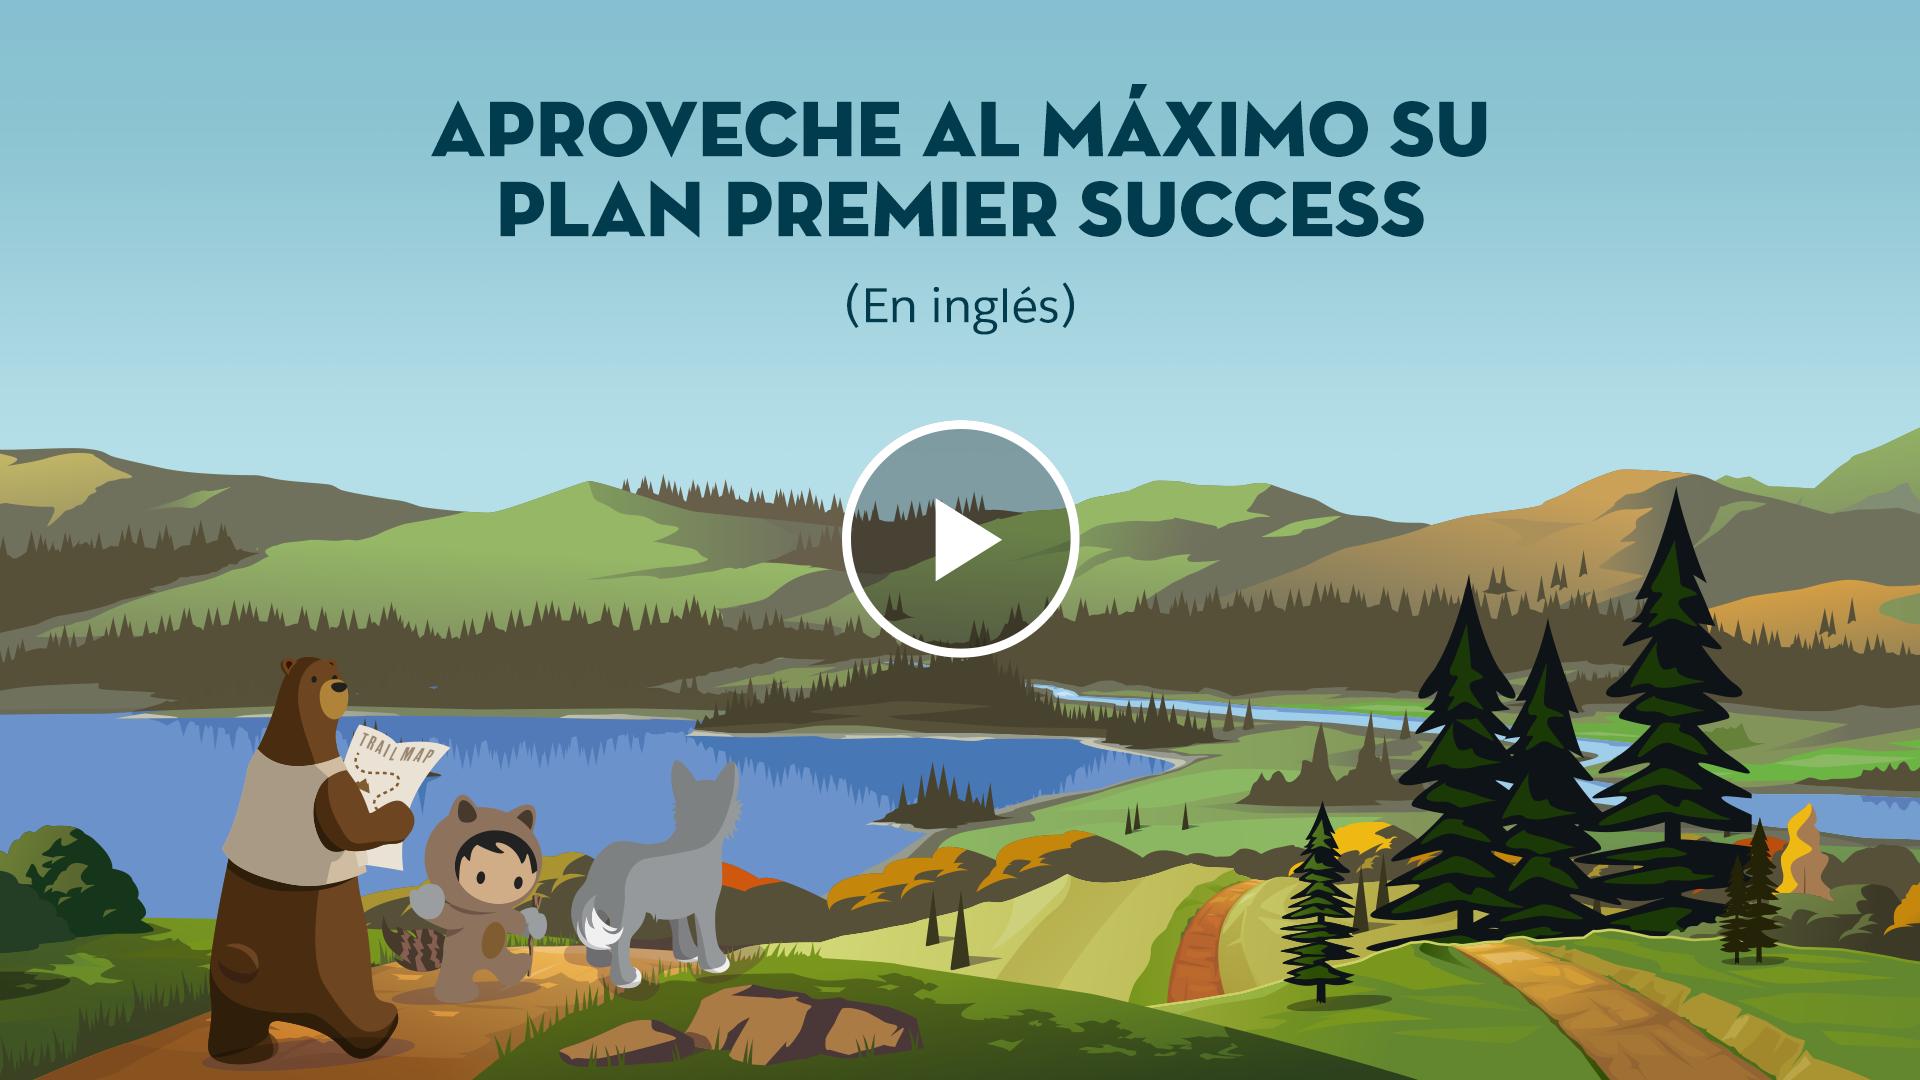 Aproveche al máximo su plan PremierSuccess (En inglés)